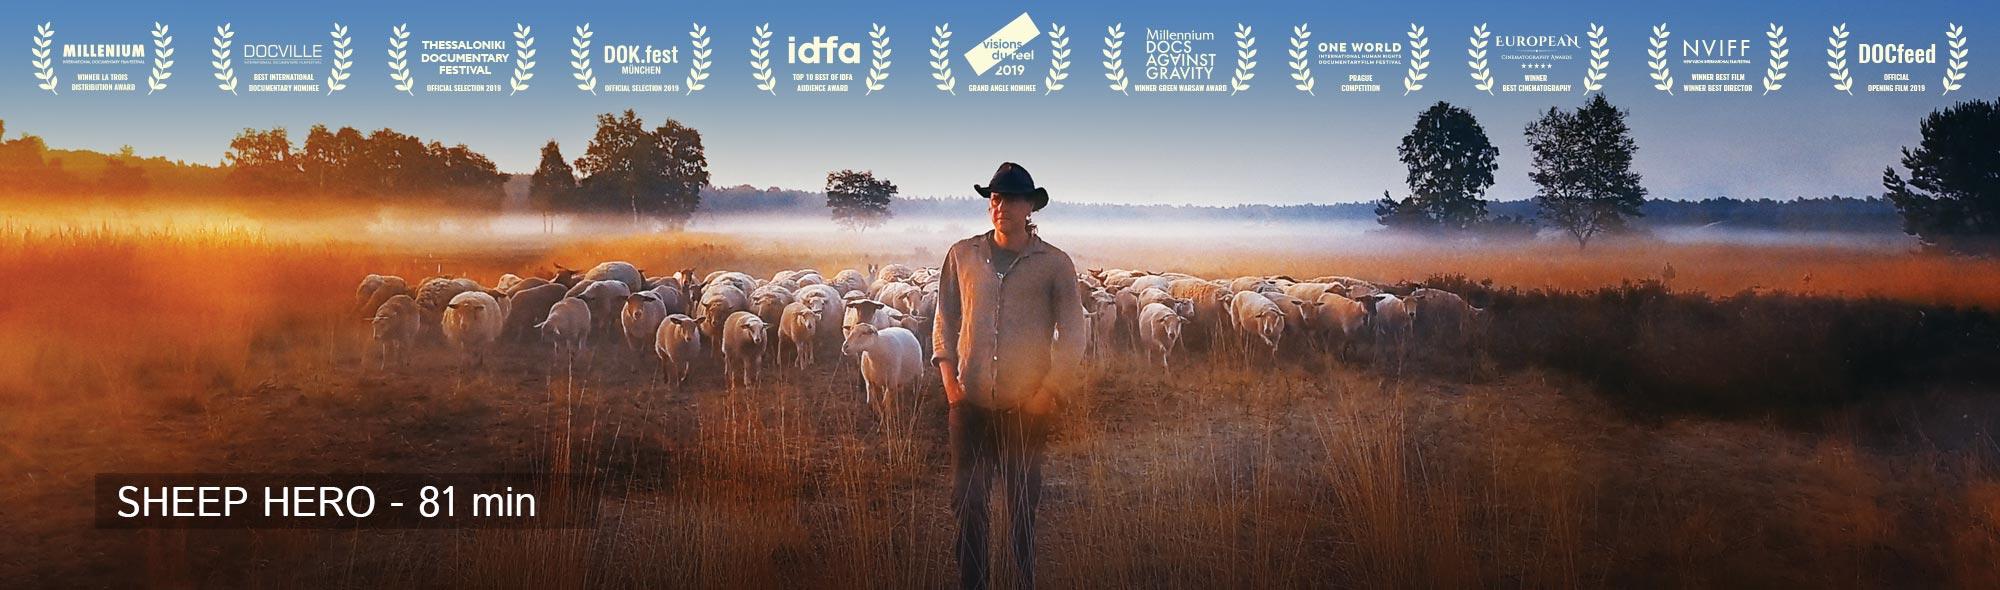 SHEEP-HERO-DOCUMENTARY